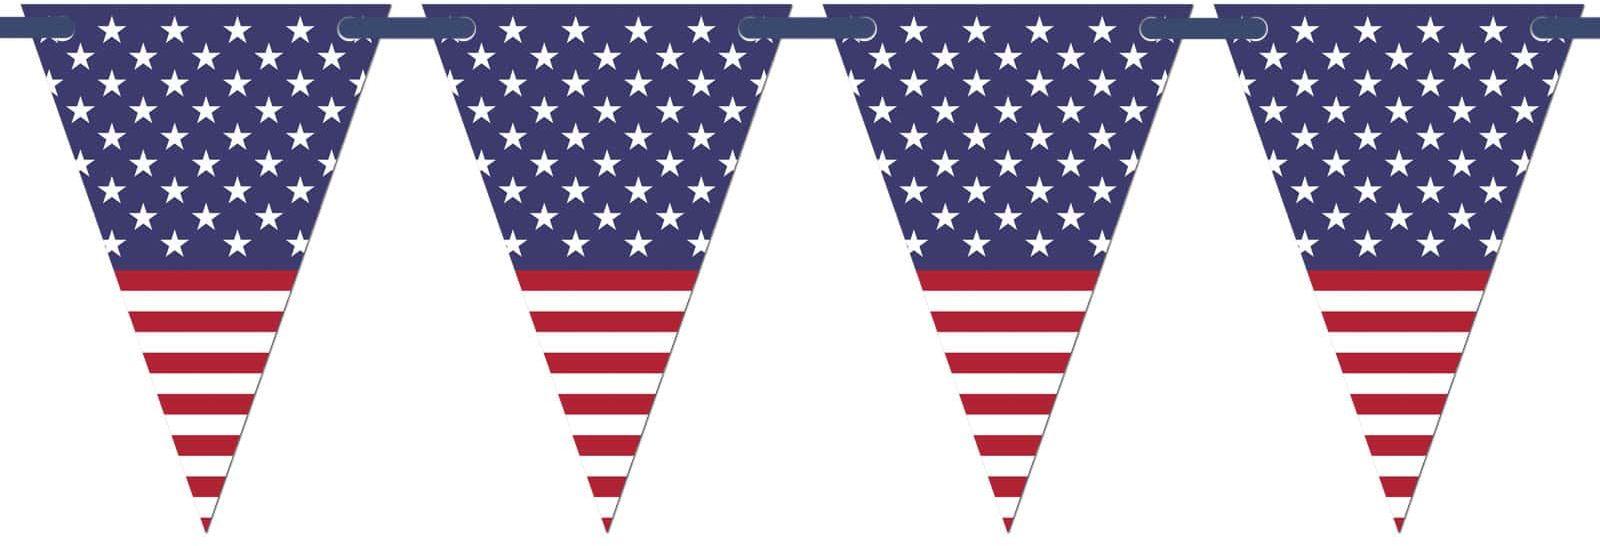 Baner wiszący Flaga Stanów Zjednoczonych - 5 m